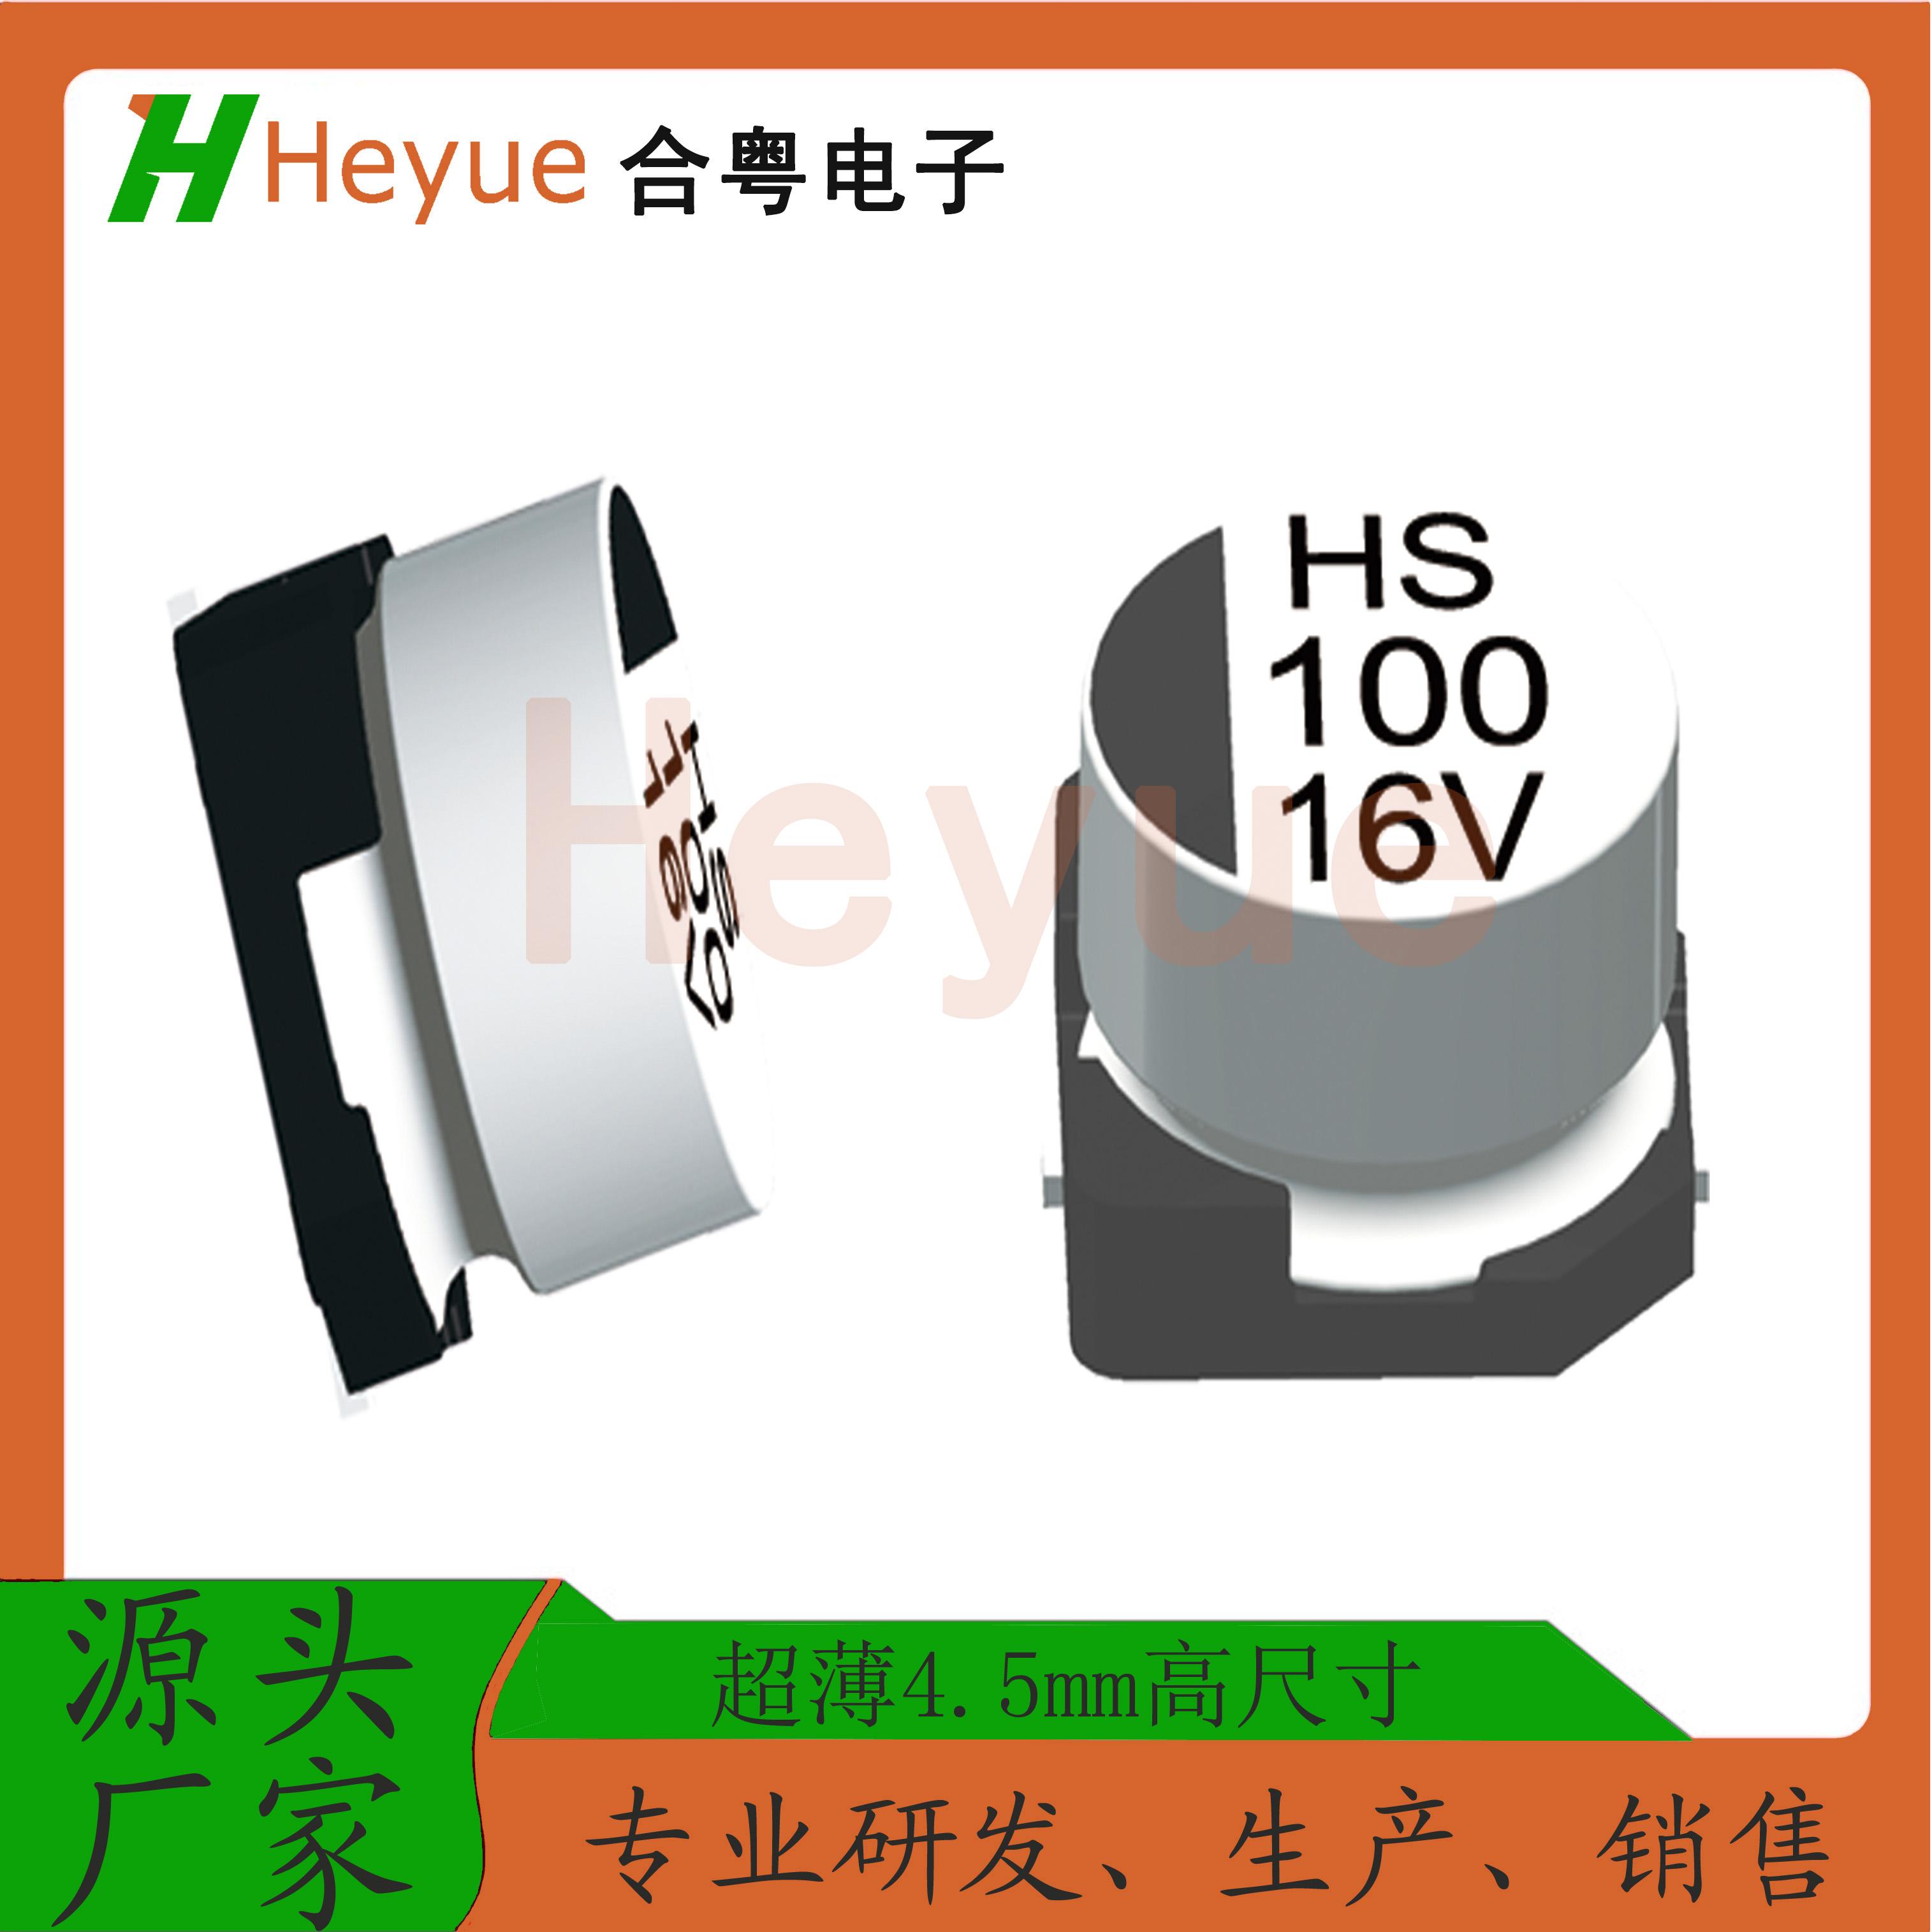 Heyue贴片电解电容125℃车用系列的介绍